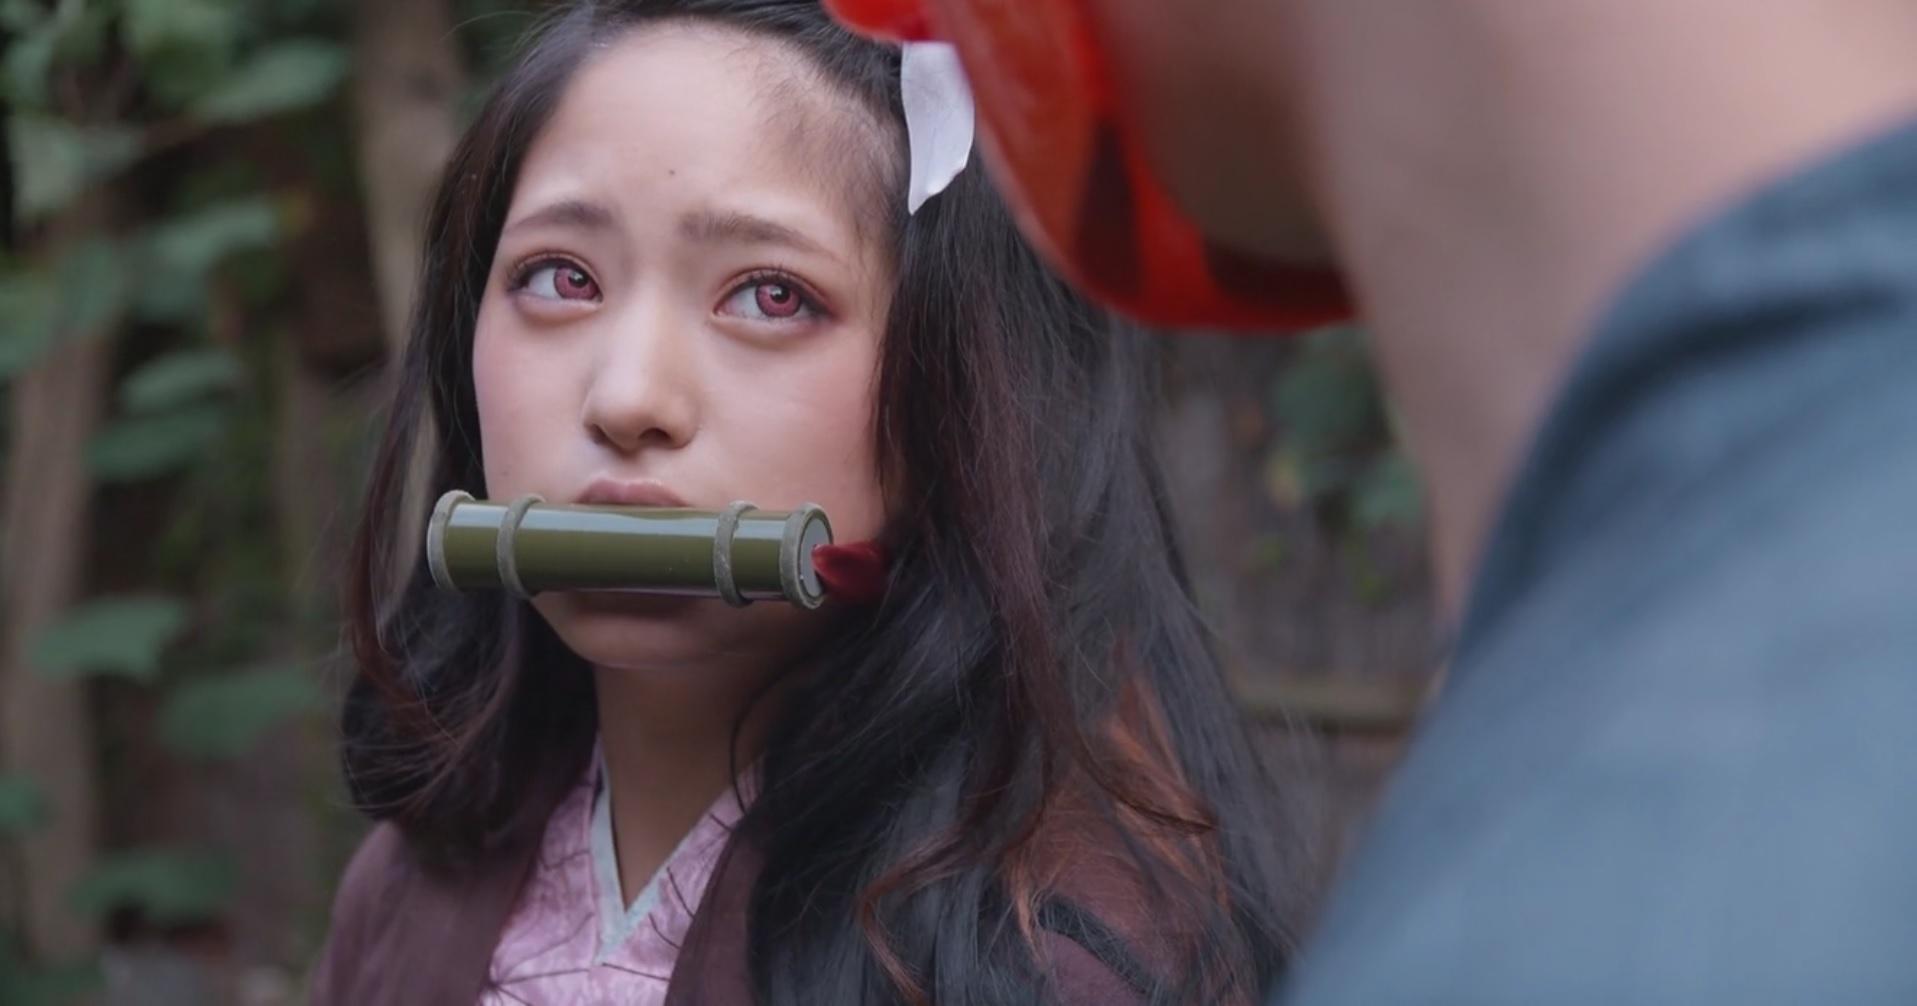 yn9uudp - 鬼滅の刃、実写化で禰豆子(ねずこ)を演じてほしい女優は? 1位はあの美少女!